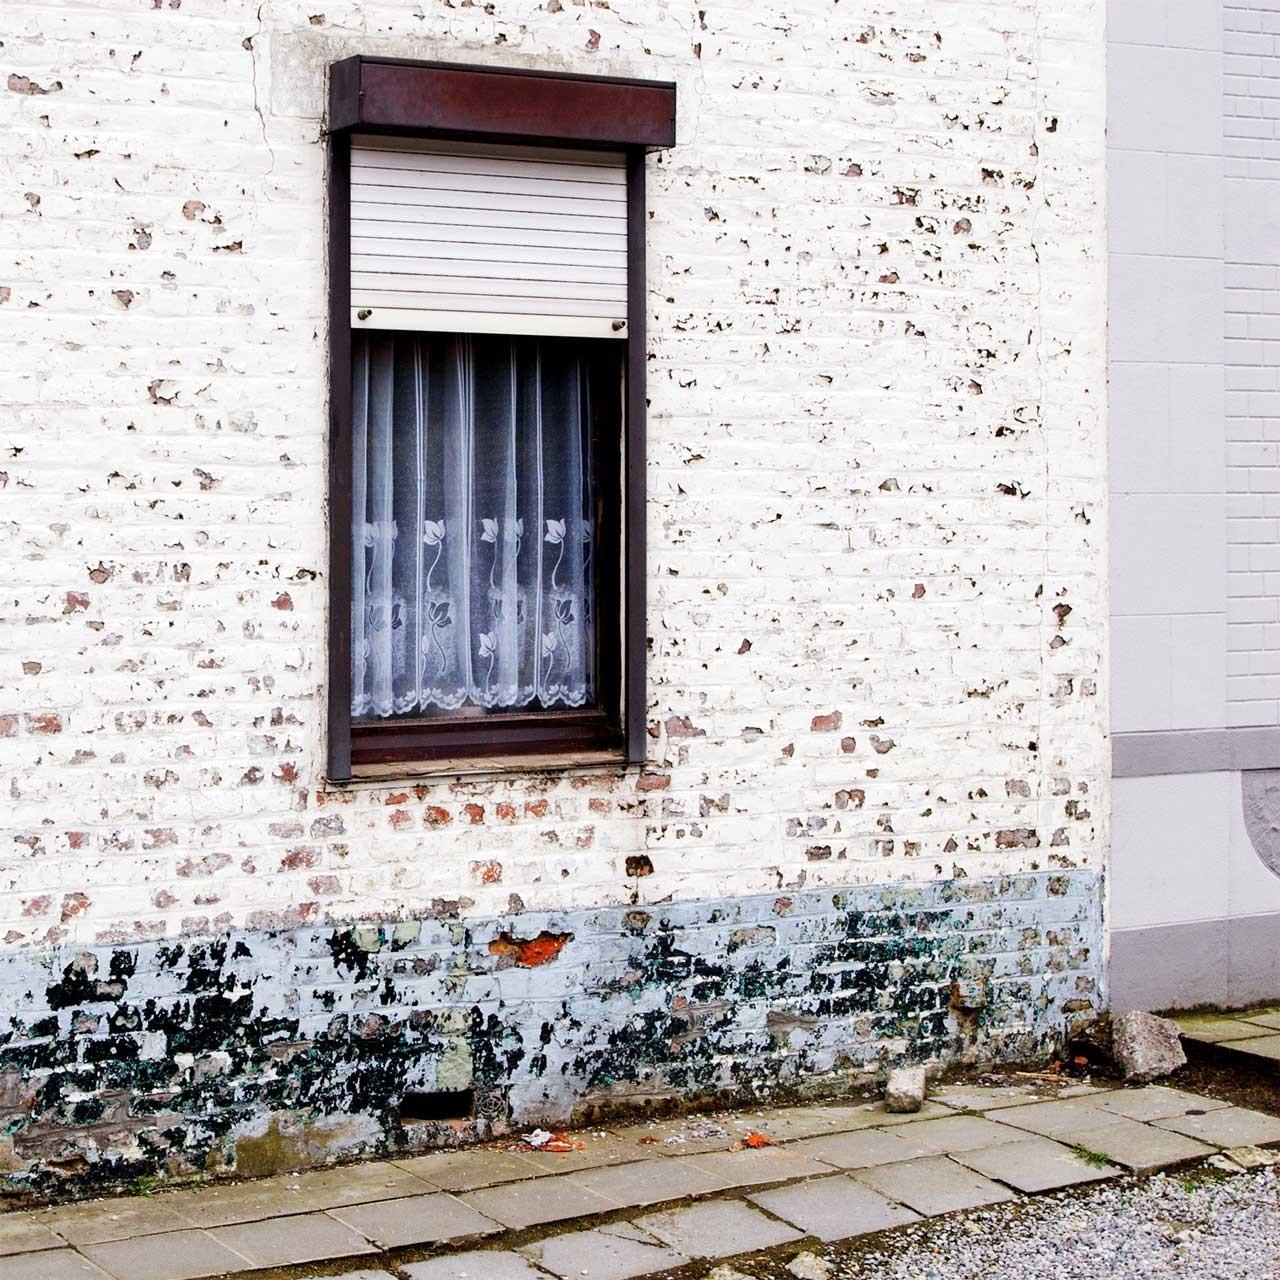 Laure-Maud_photographe_reportage_Belgique-18